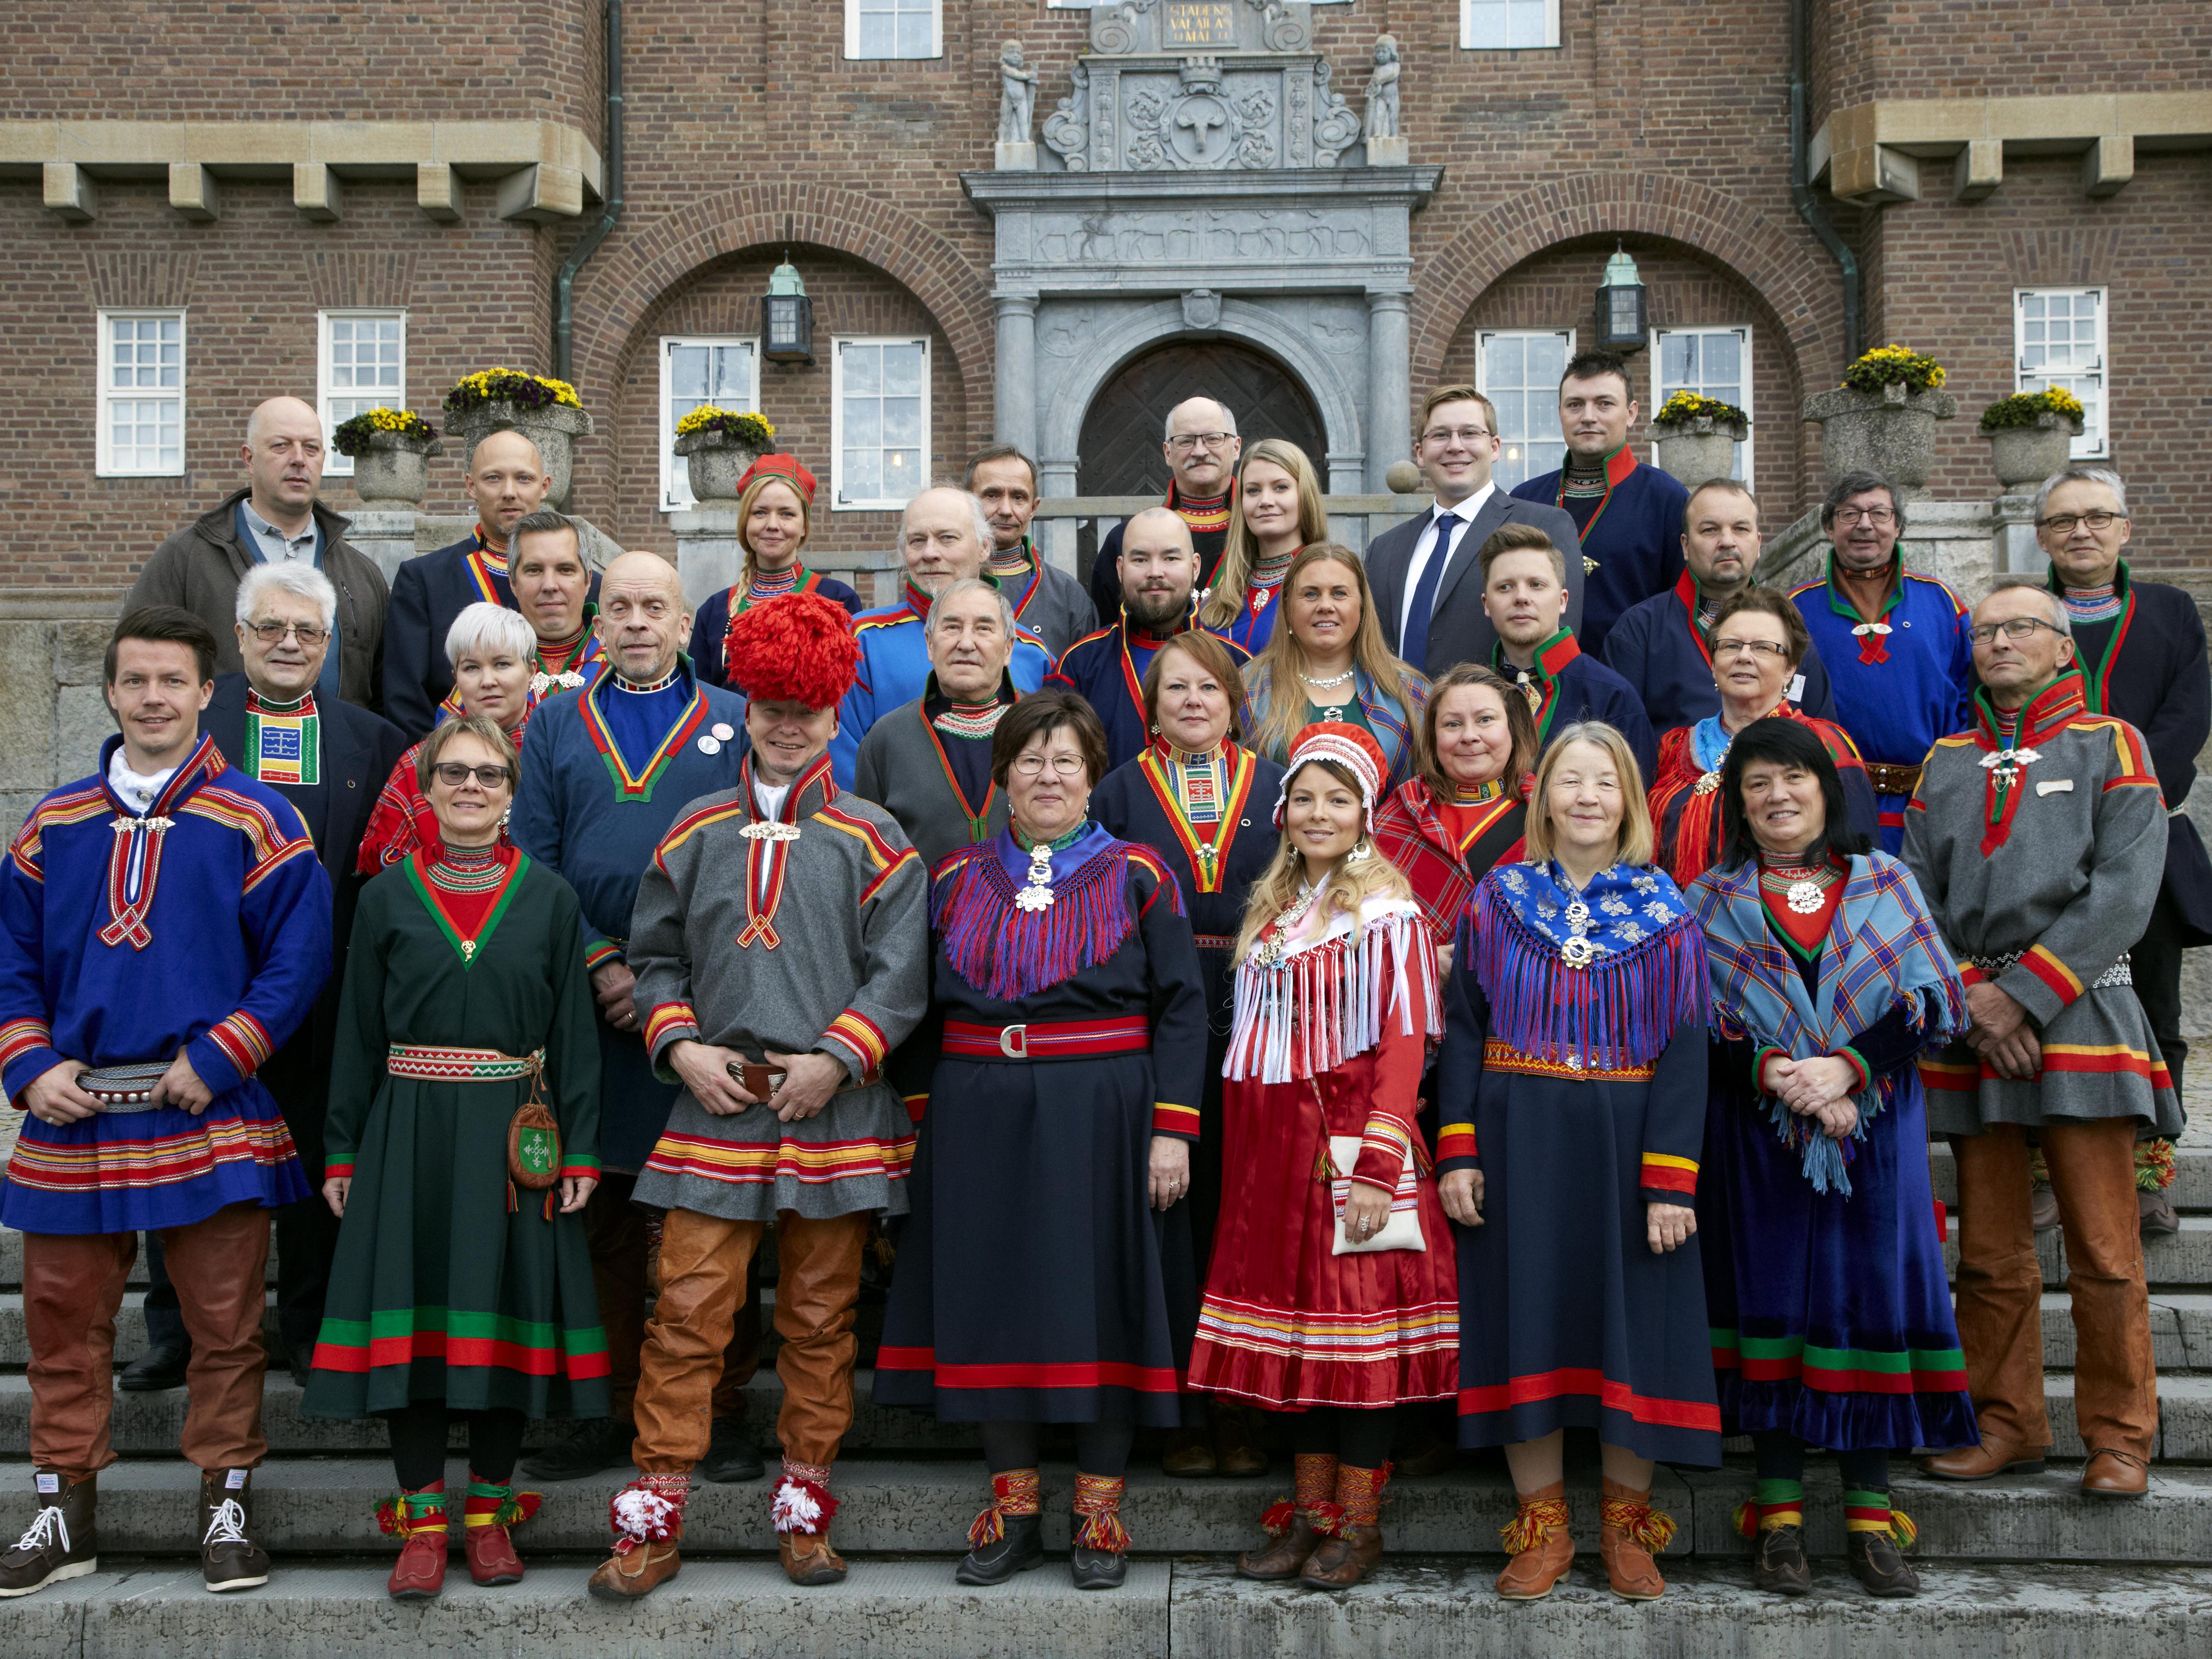 En samlad same- och urfolkspolitik – en utmanande möjlighet för Sverige år 2018?